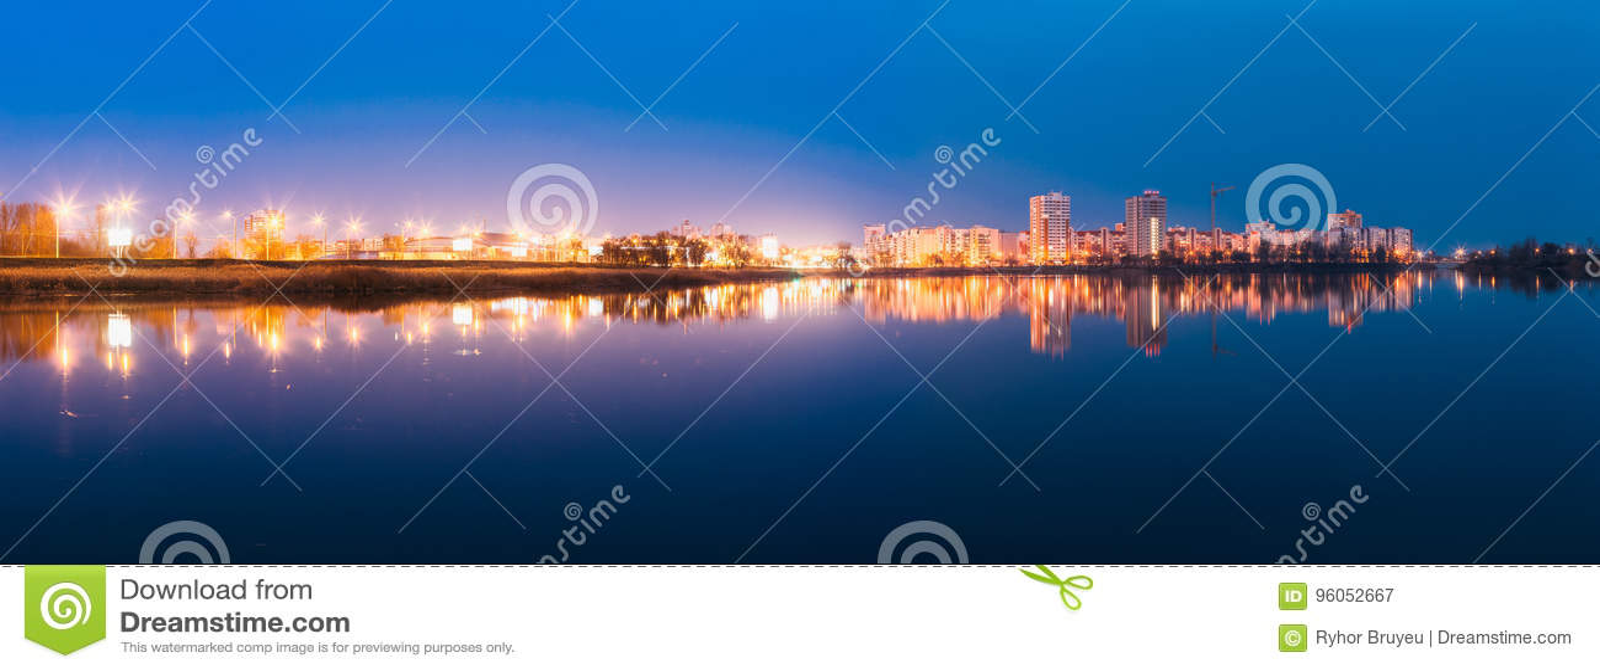 Le panorama de la zone résidentielle urbaine donne sur au lac ou à la rivière city